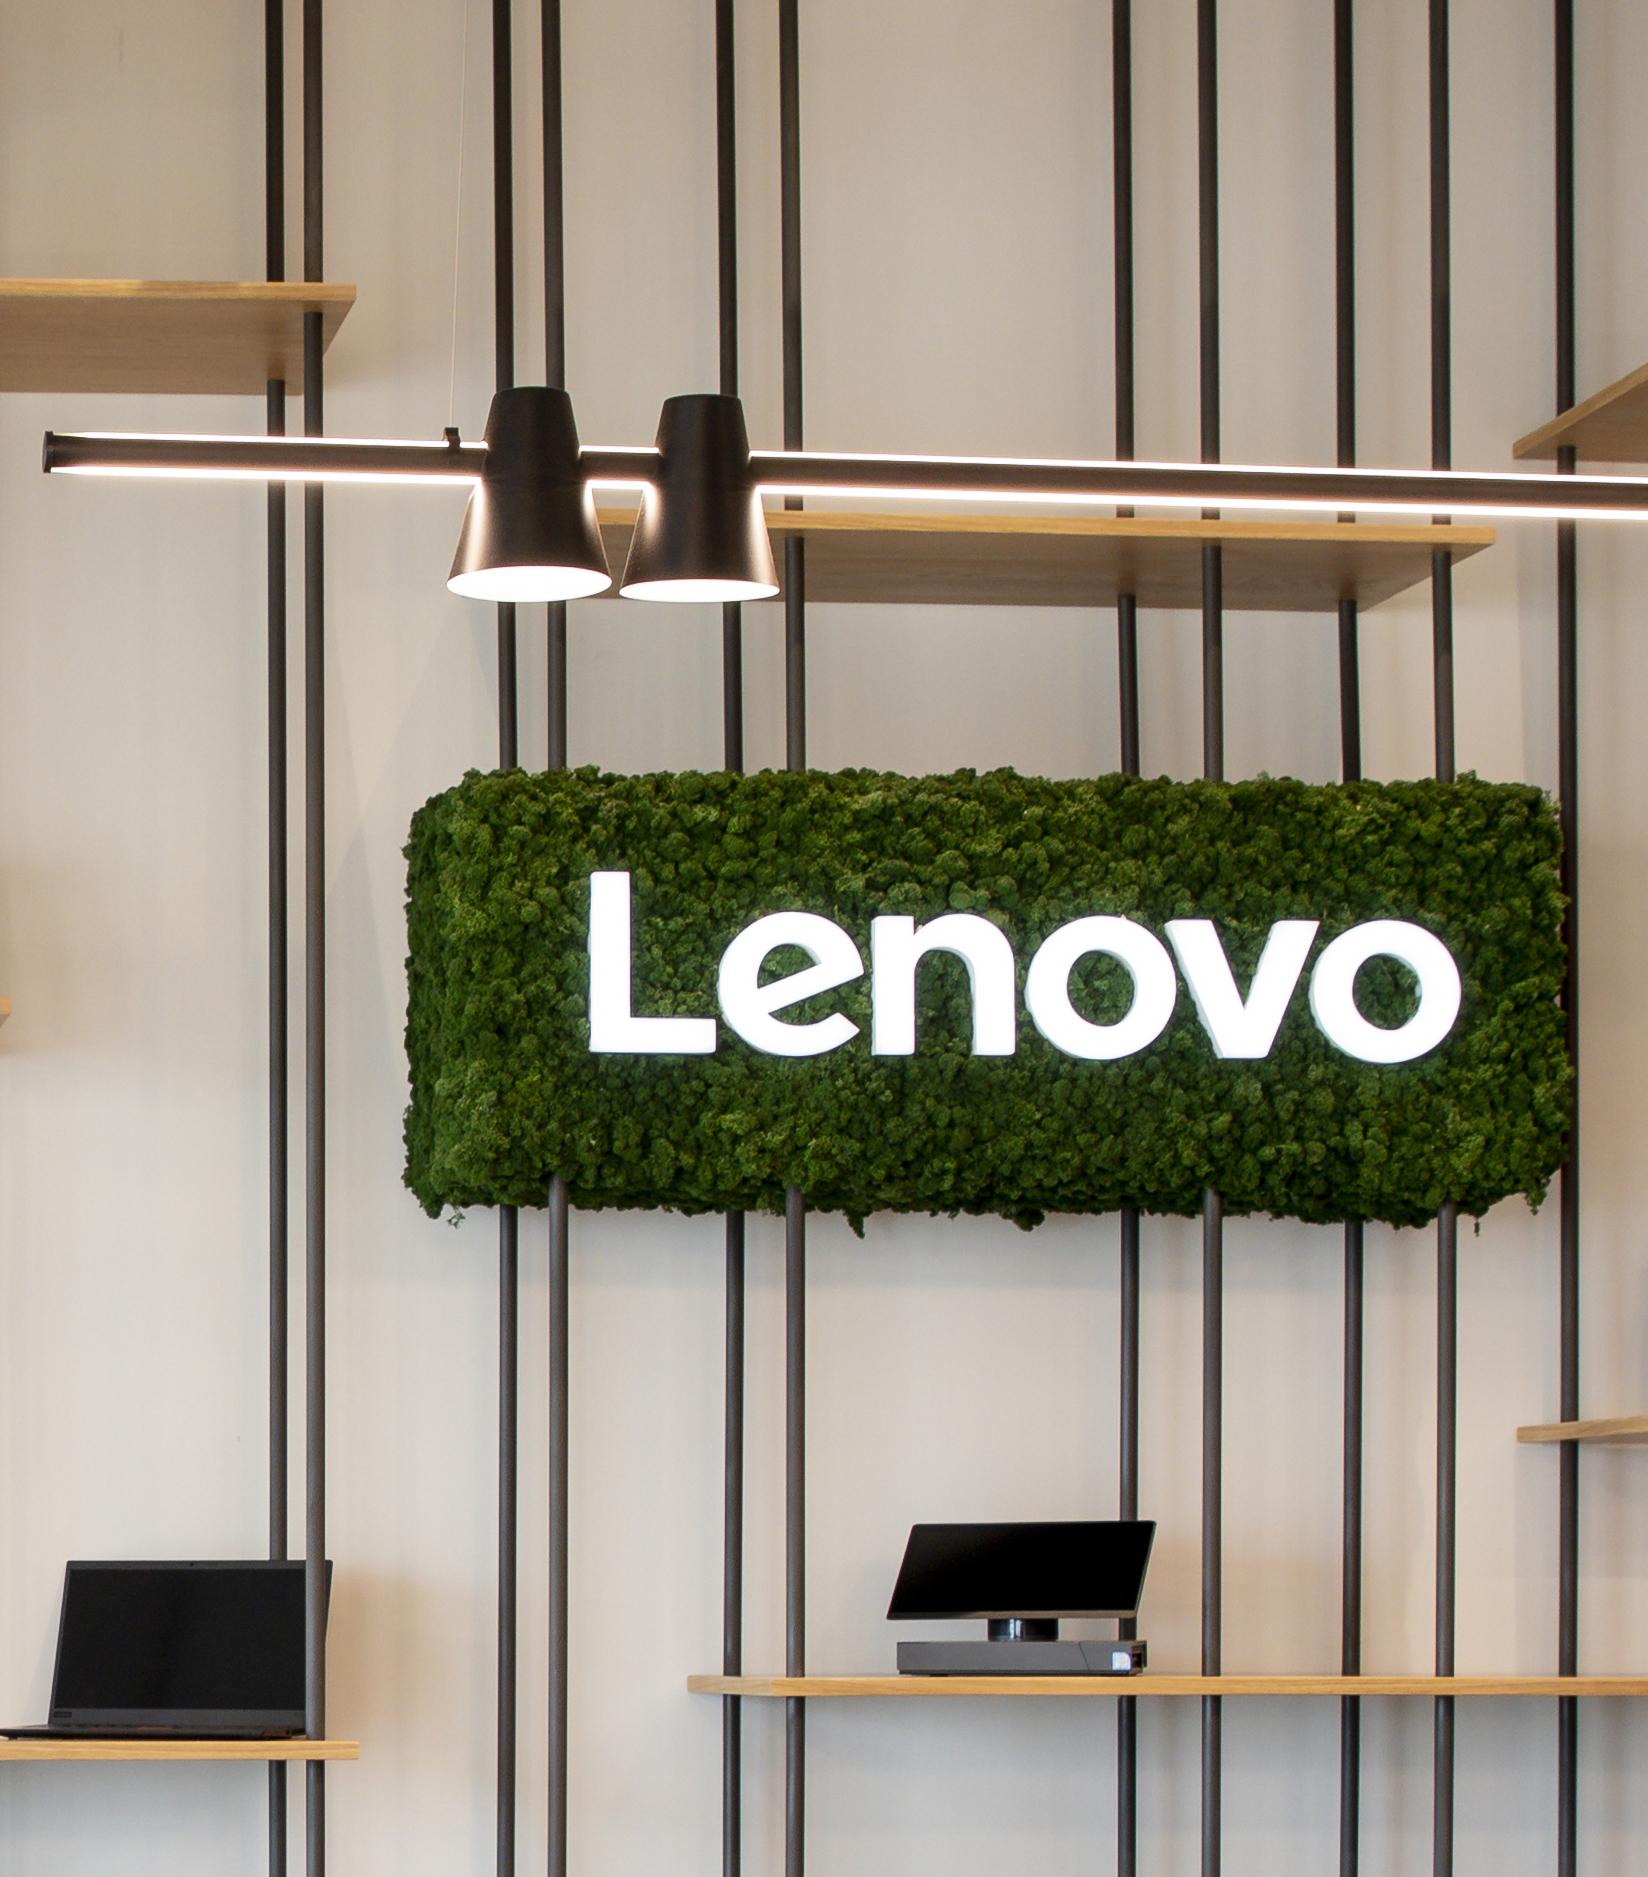 SZ Lenovo By Kfir Ziv_ B(13)